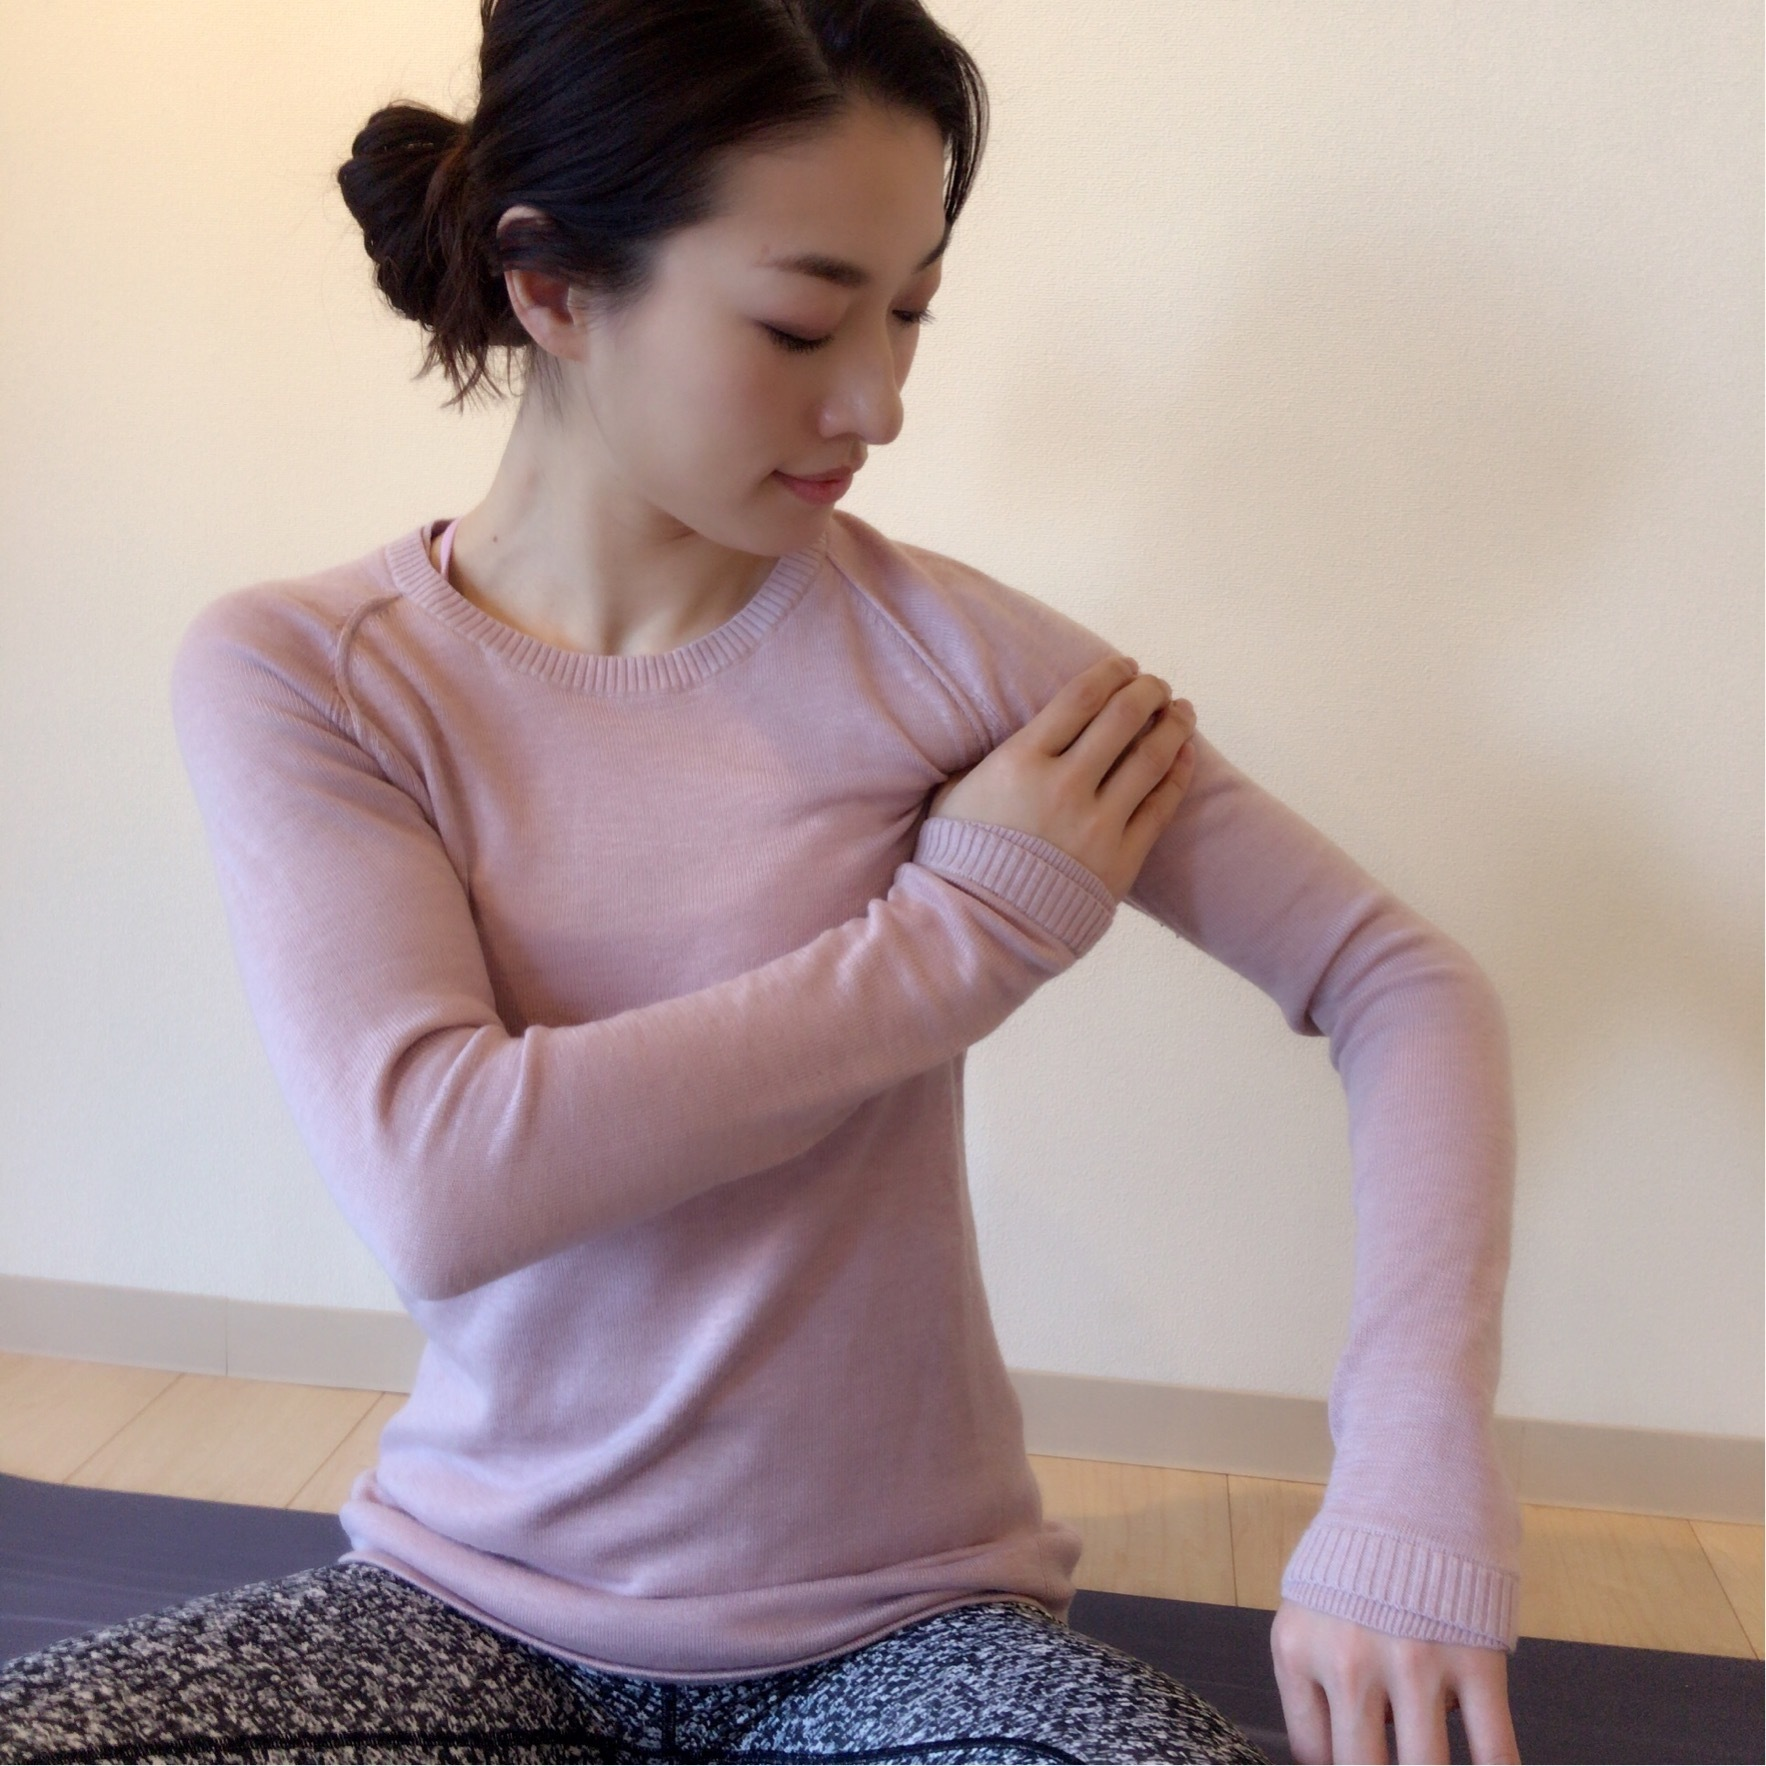 体の内&外側から!アラフォーのツヤ肌作りプロジェクト【マリソル美女組ブログPICK UP】_1_1-3